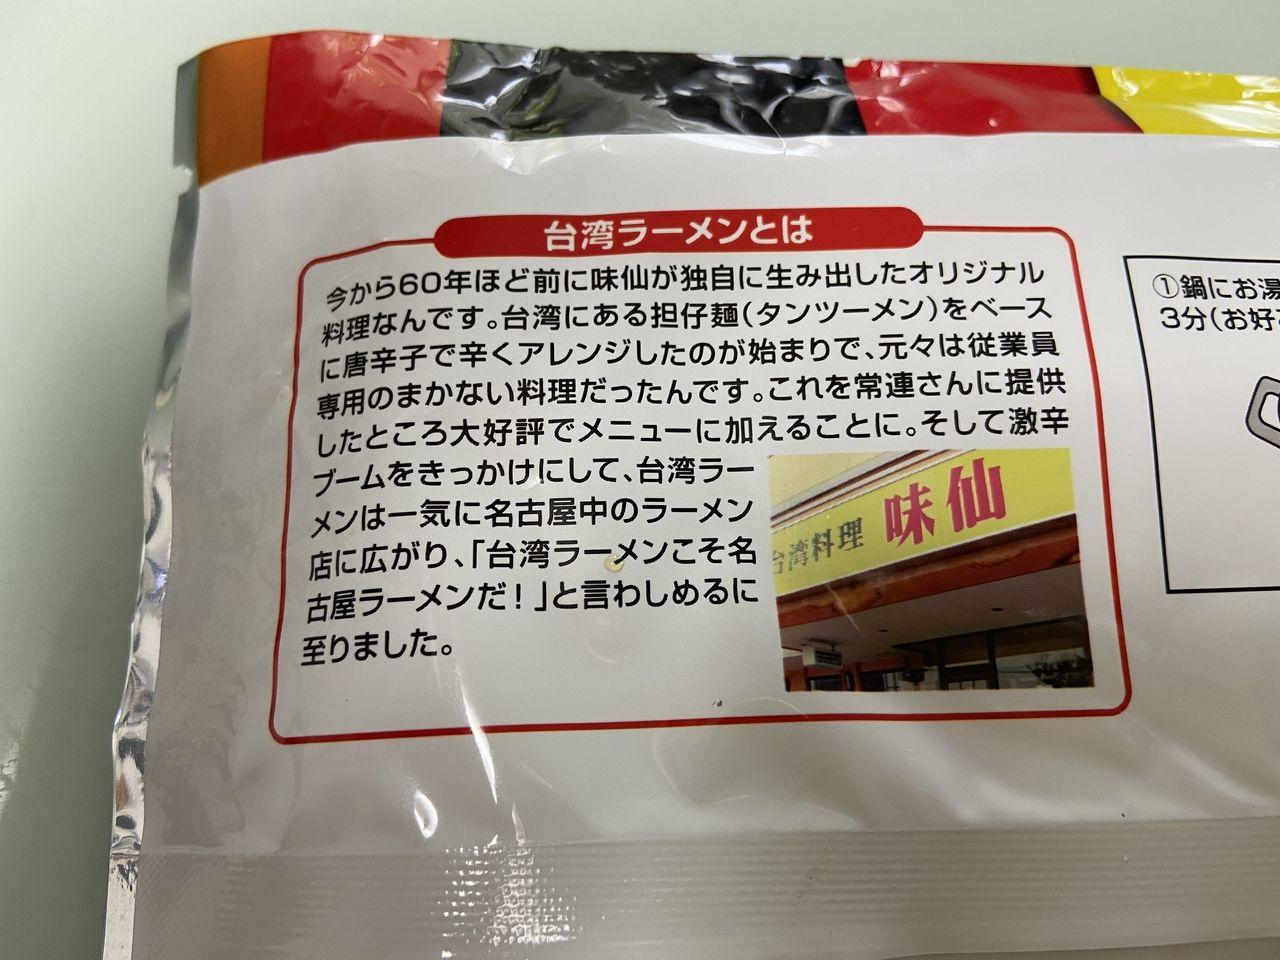 担々麺担々麺ベースの台湾ラーメンこそ名古屋ラーメン